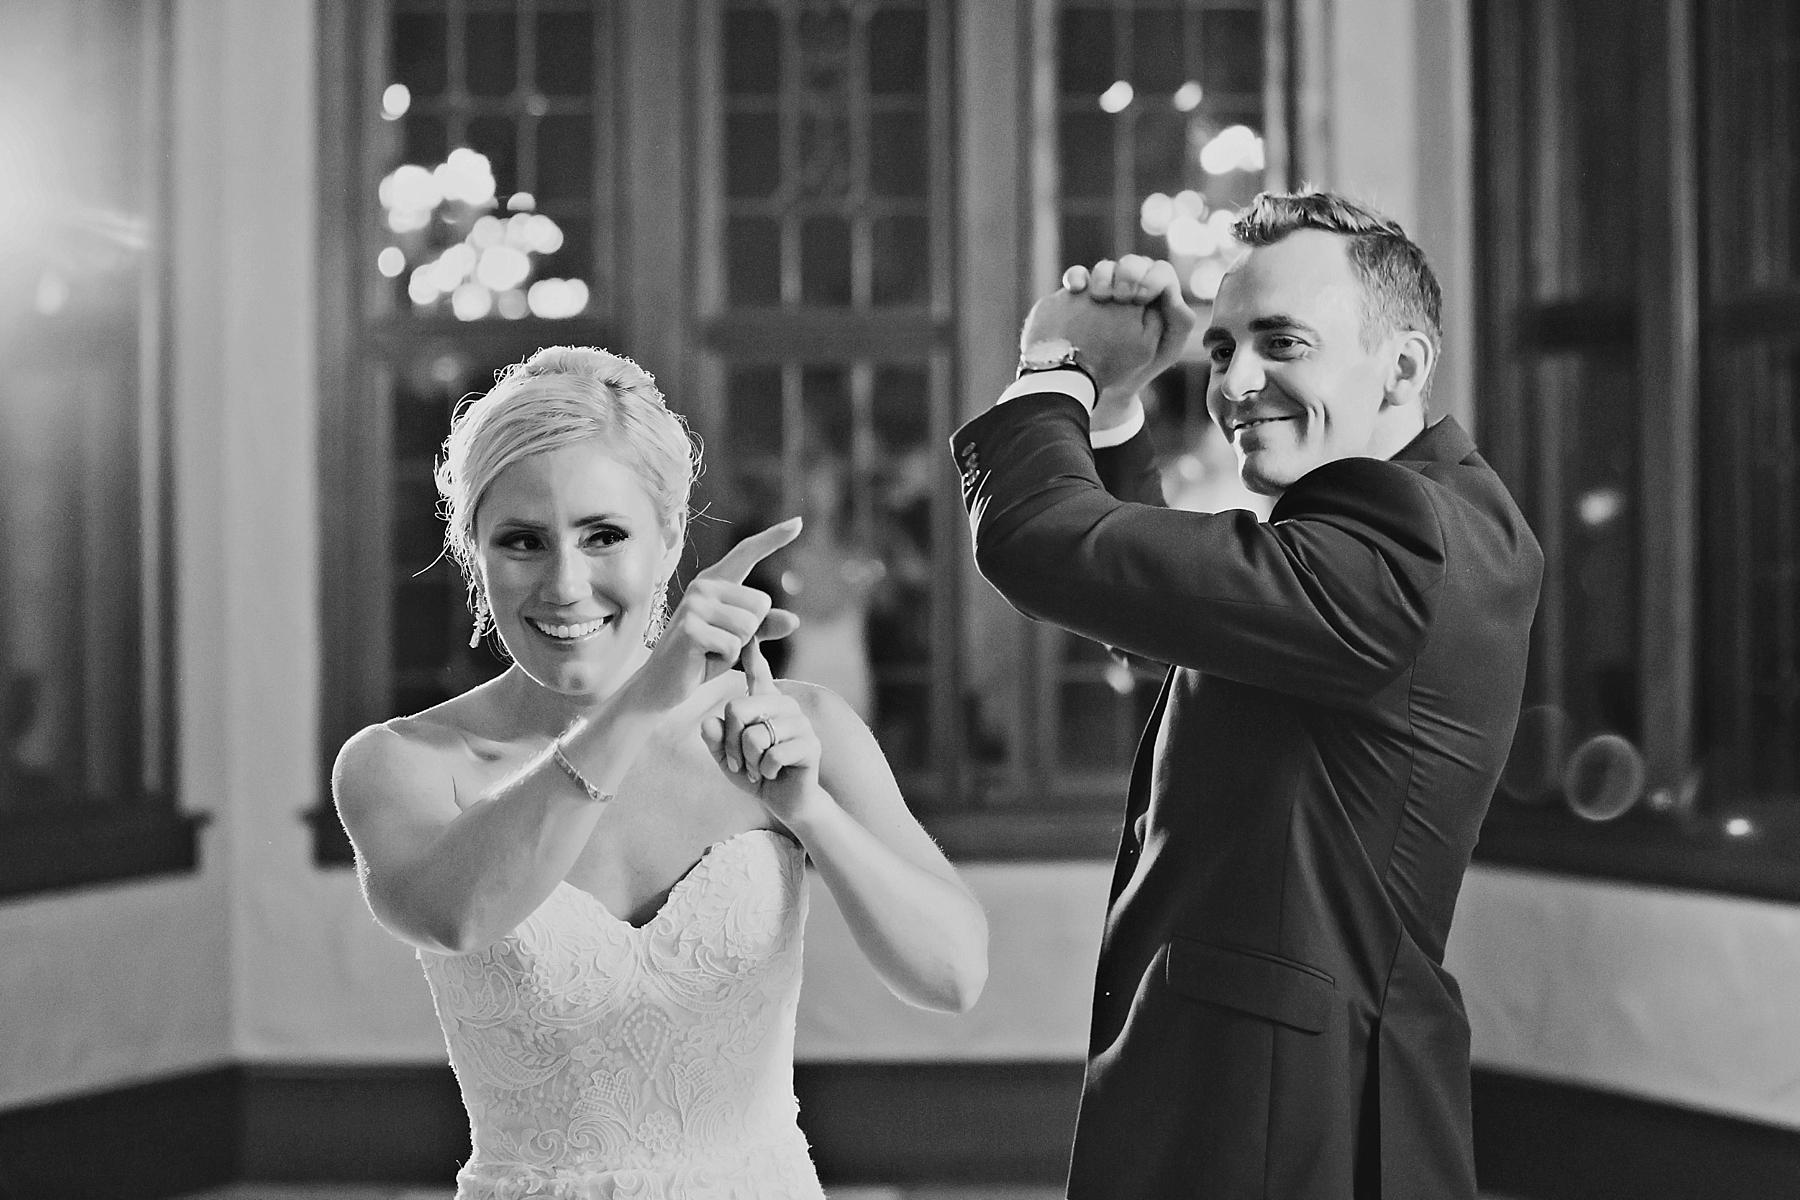 windsor-wedding-photographer-essex-golf-country-club-wedding-eryn-shea-photography_0094.jpg